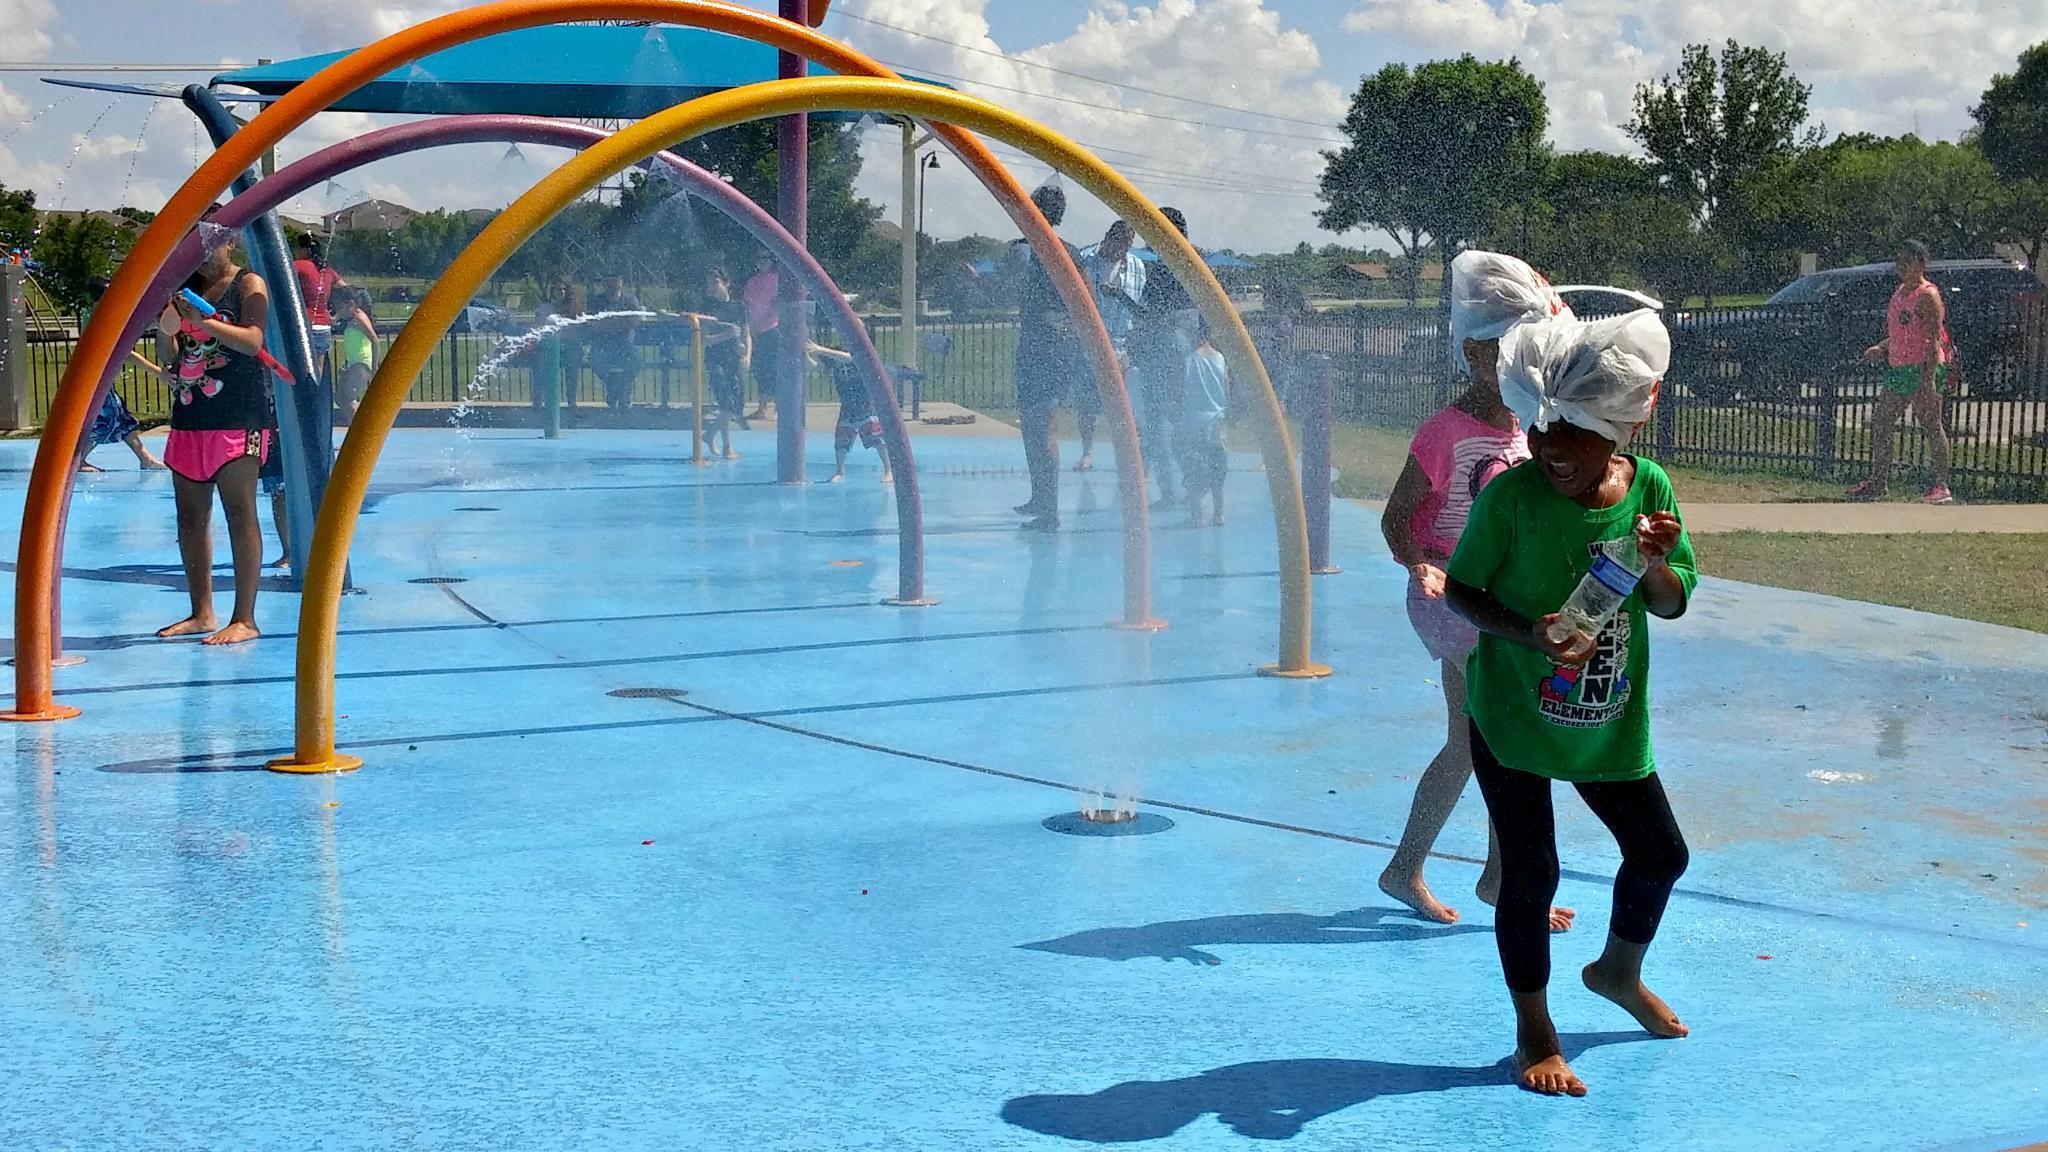 Splash! by Dee Morales